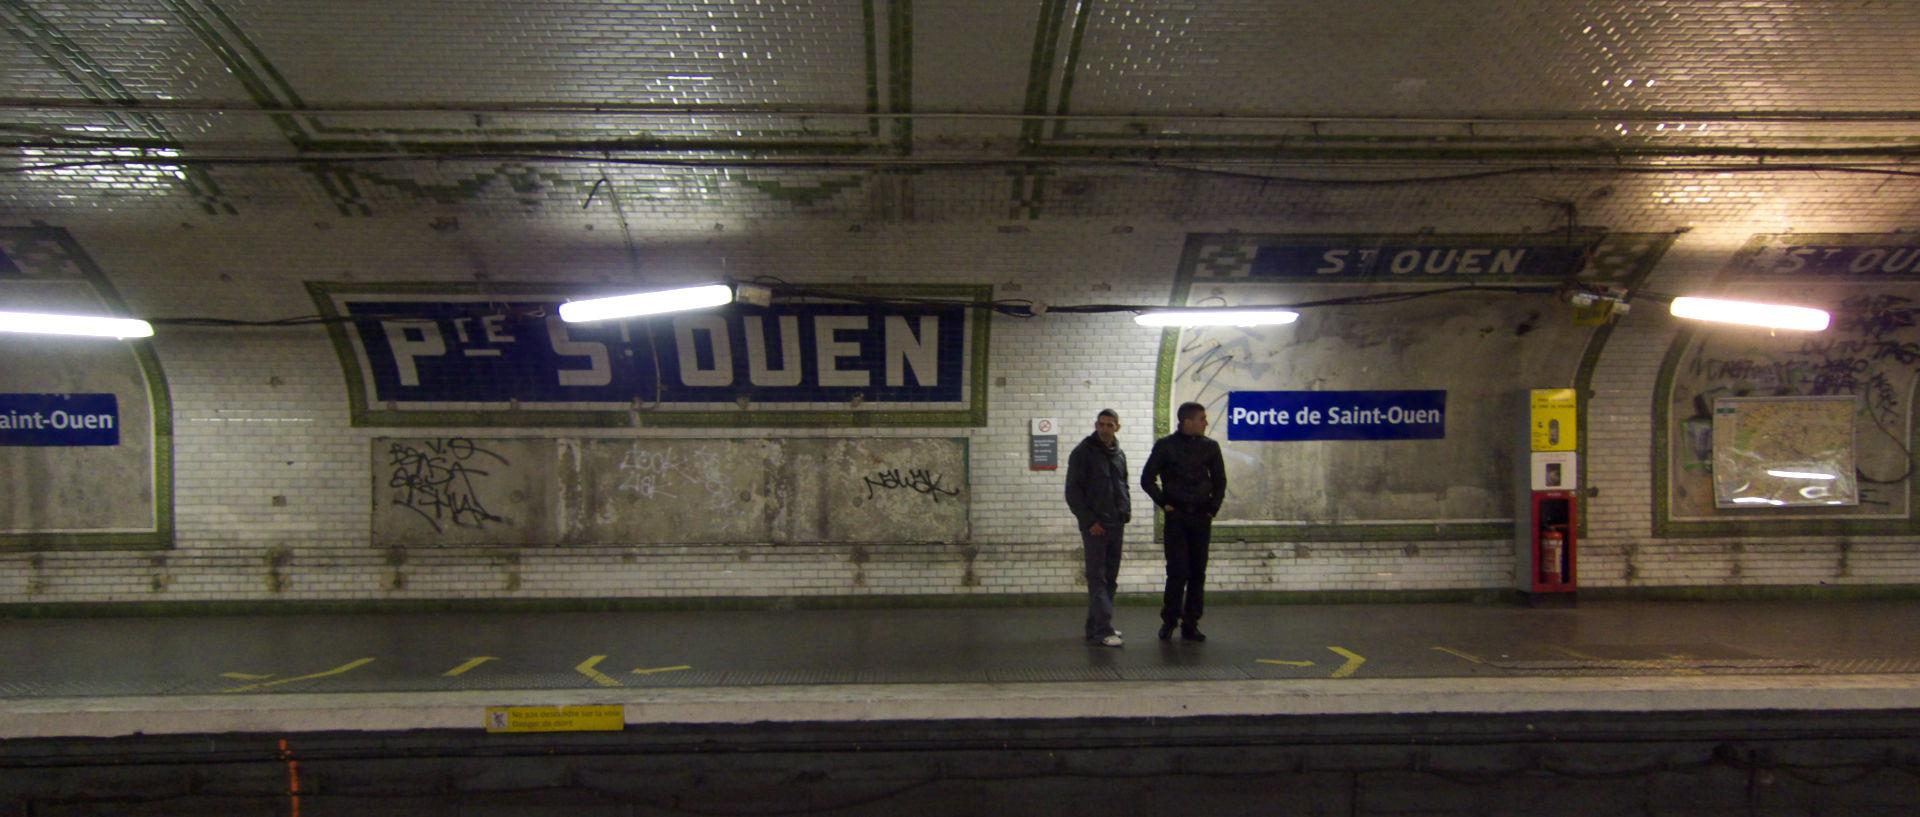 Le photojournal de jean miaille en d cembre 2008 - Porte saint ouen ...